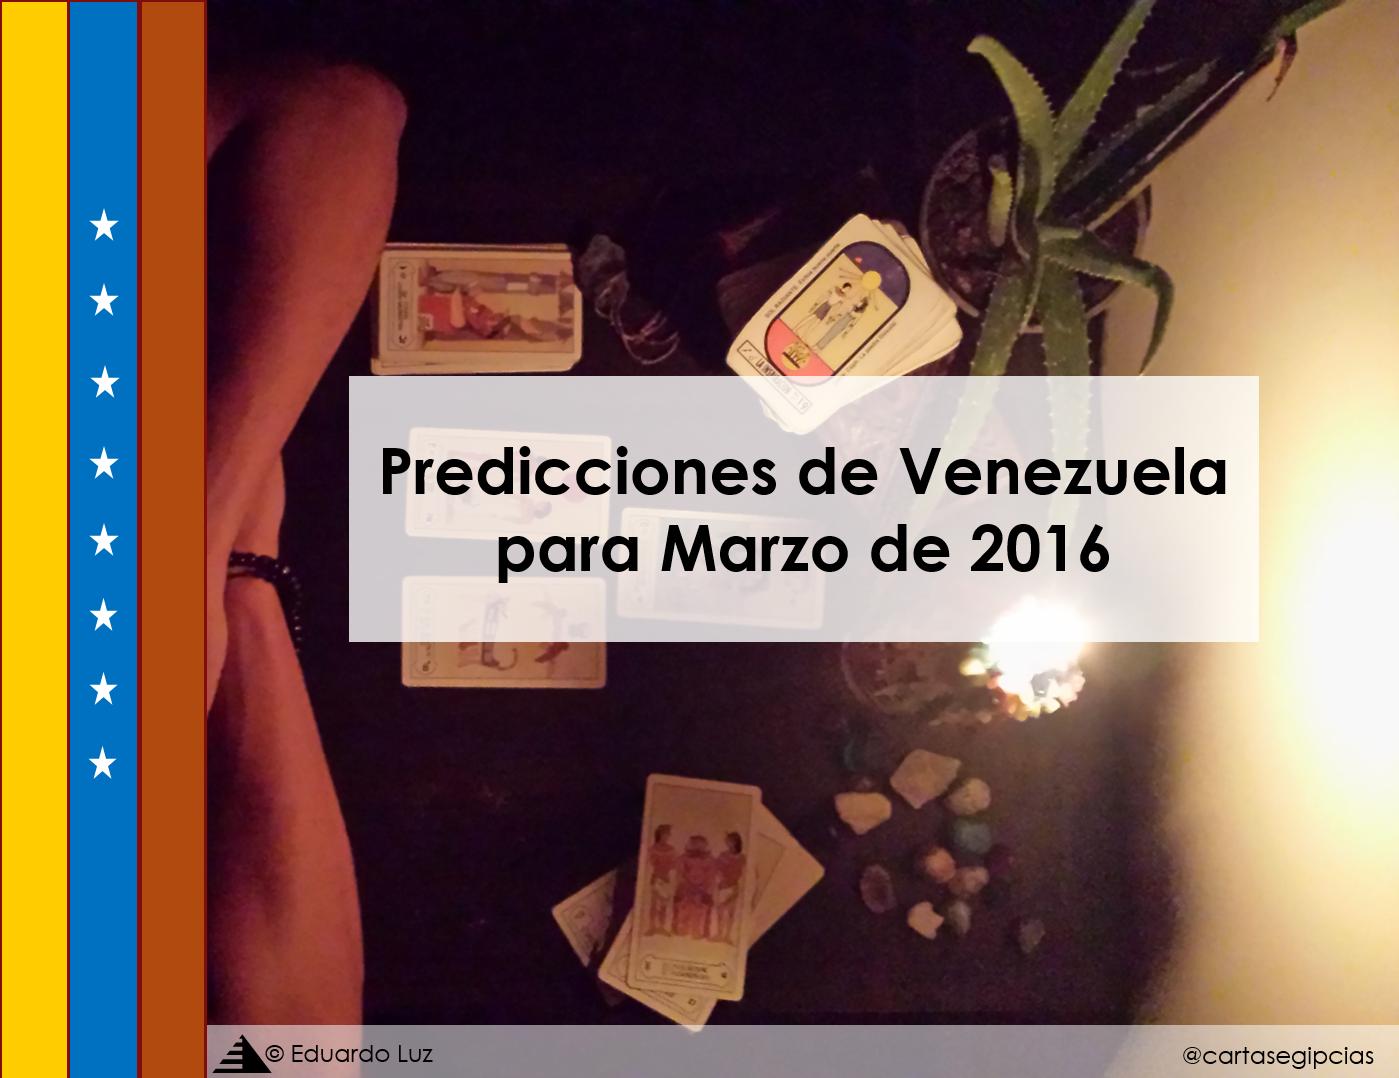 Predicciones para Venezuela del mes de marzo - Cartas Egipcias